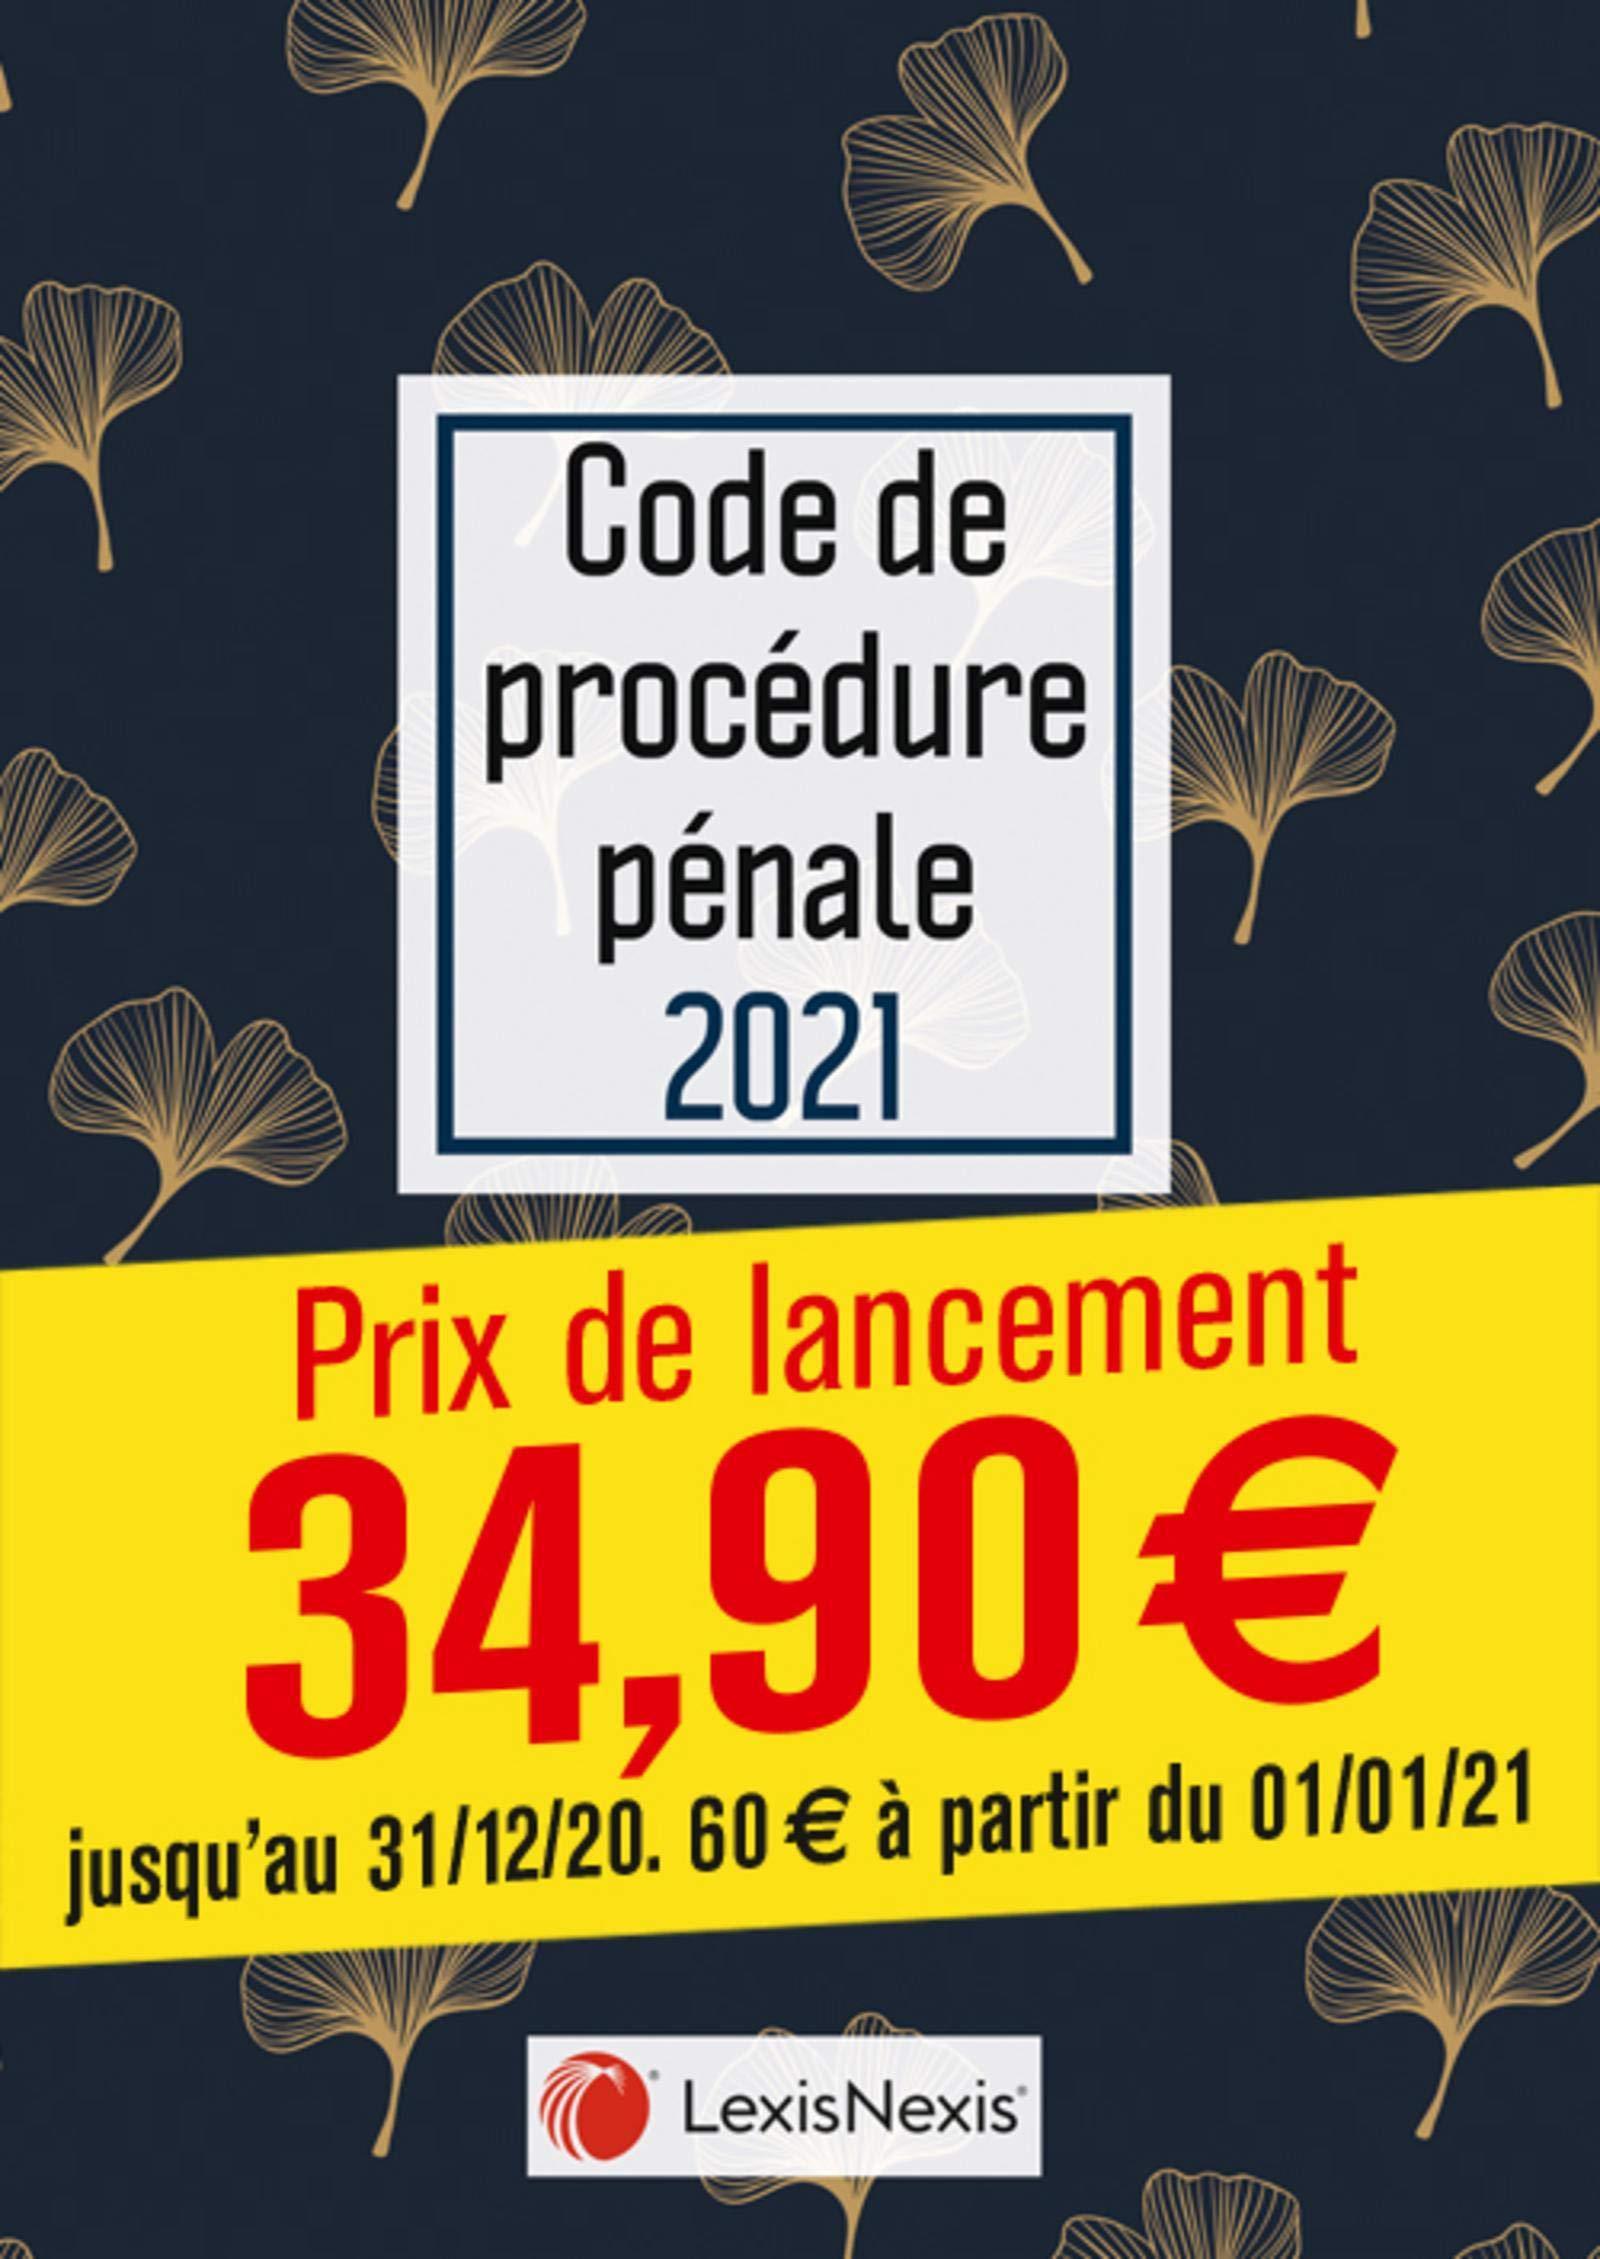 Code de procédure pénale 2021- Jaquette Ginkgo doré